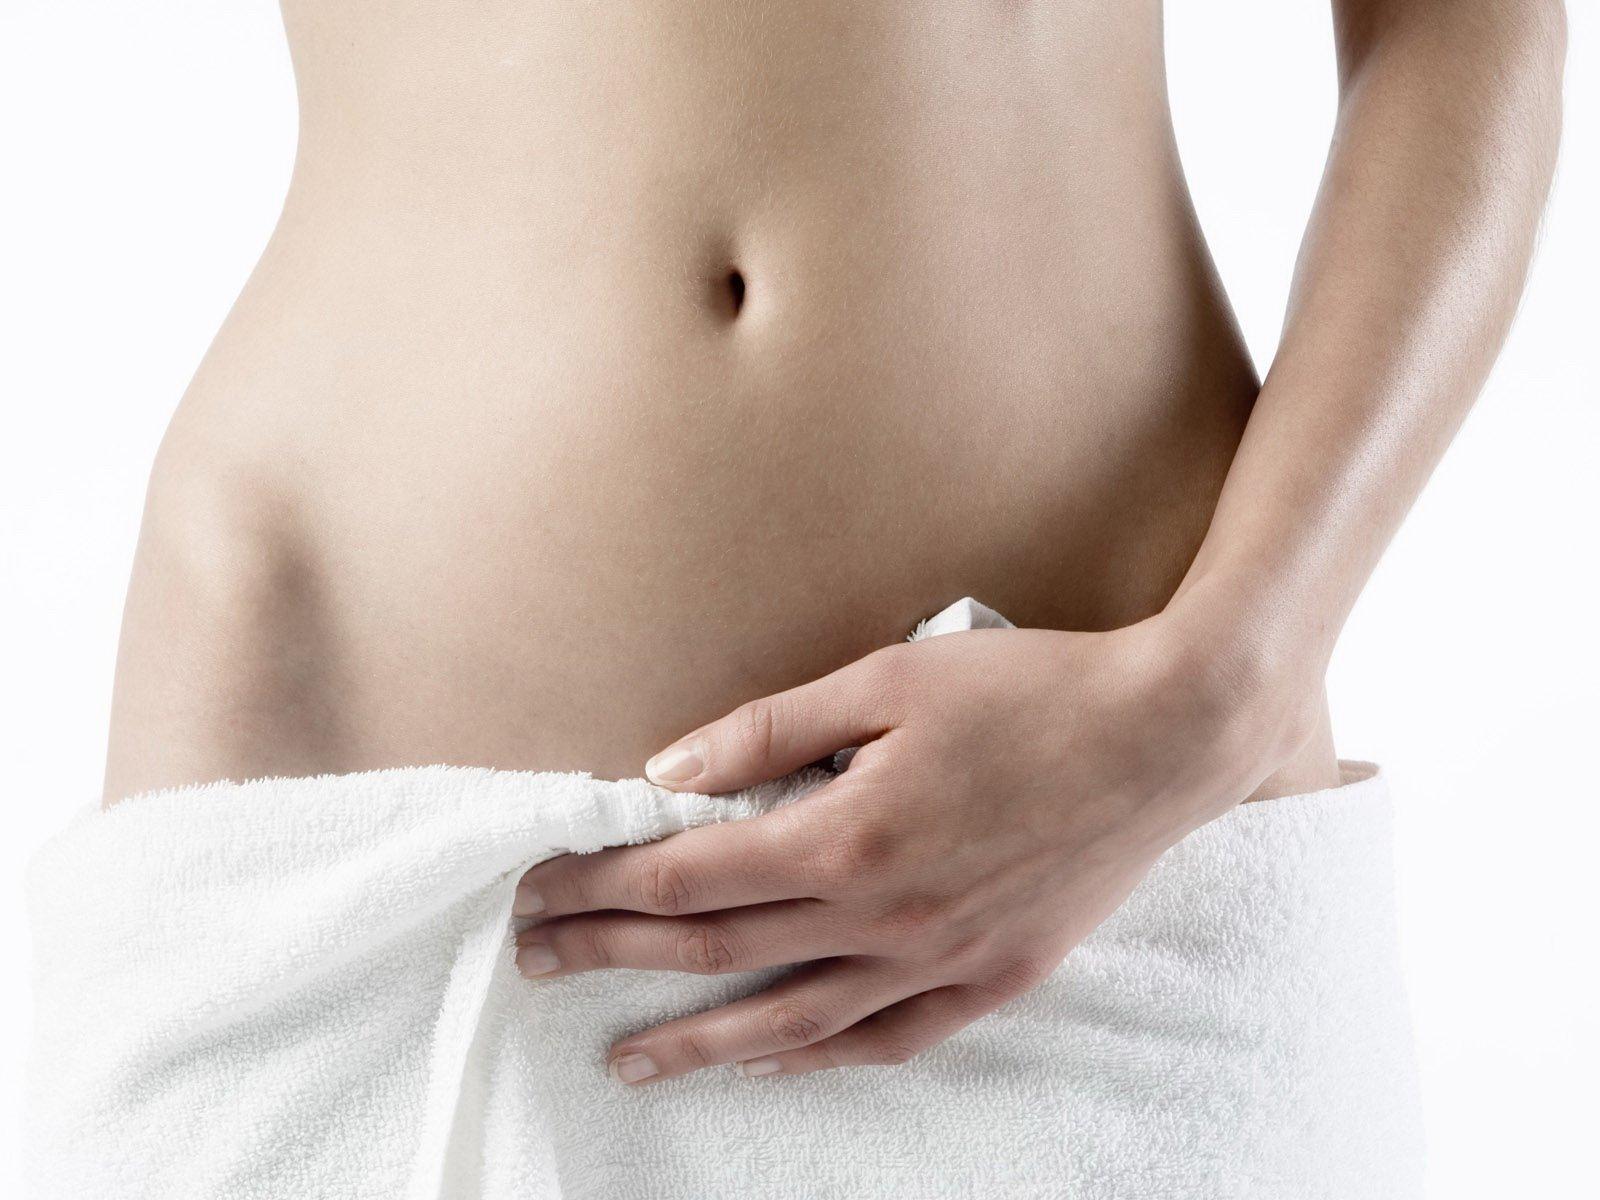 Сухость половых органов при сексе